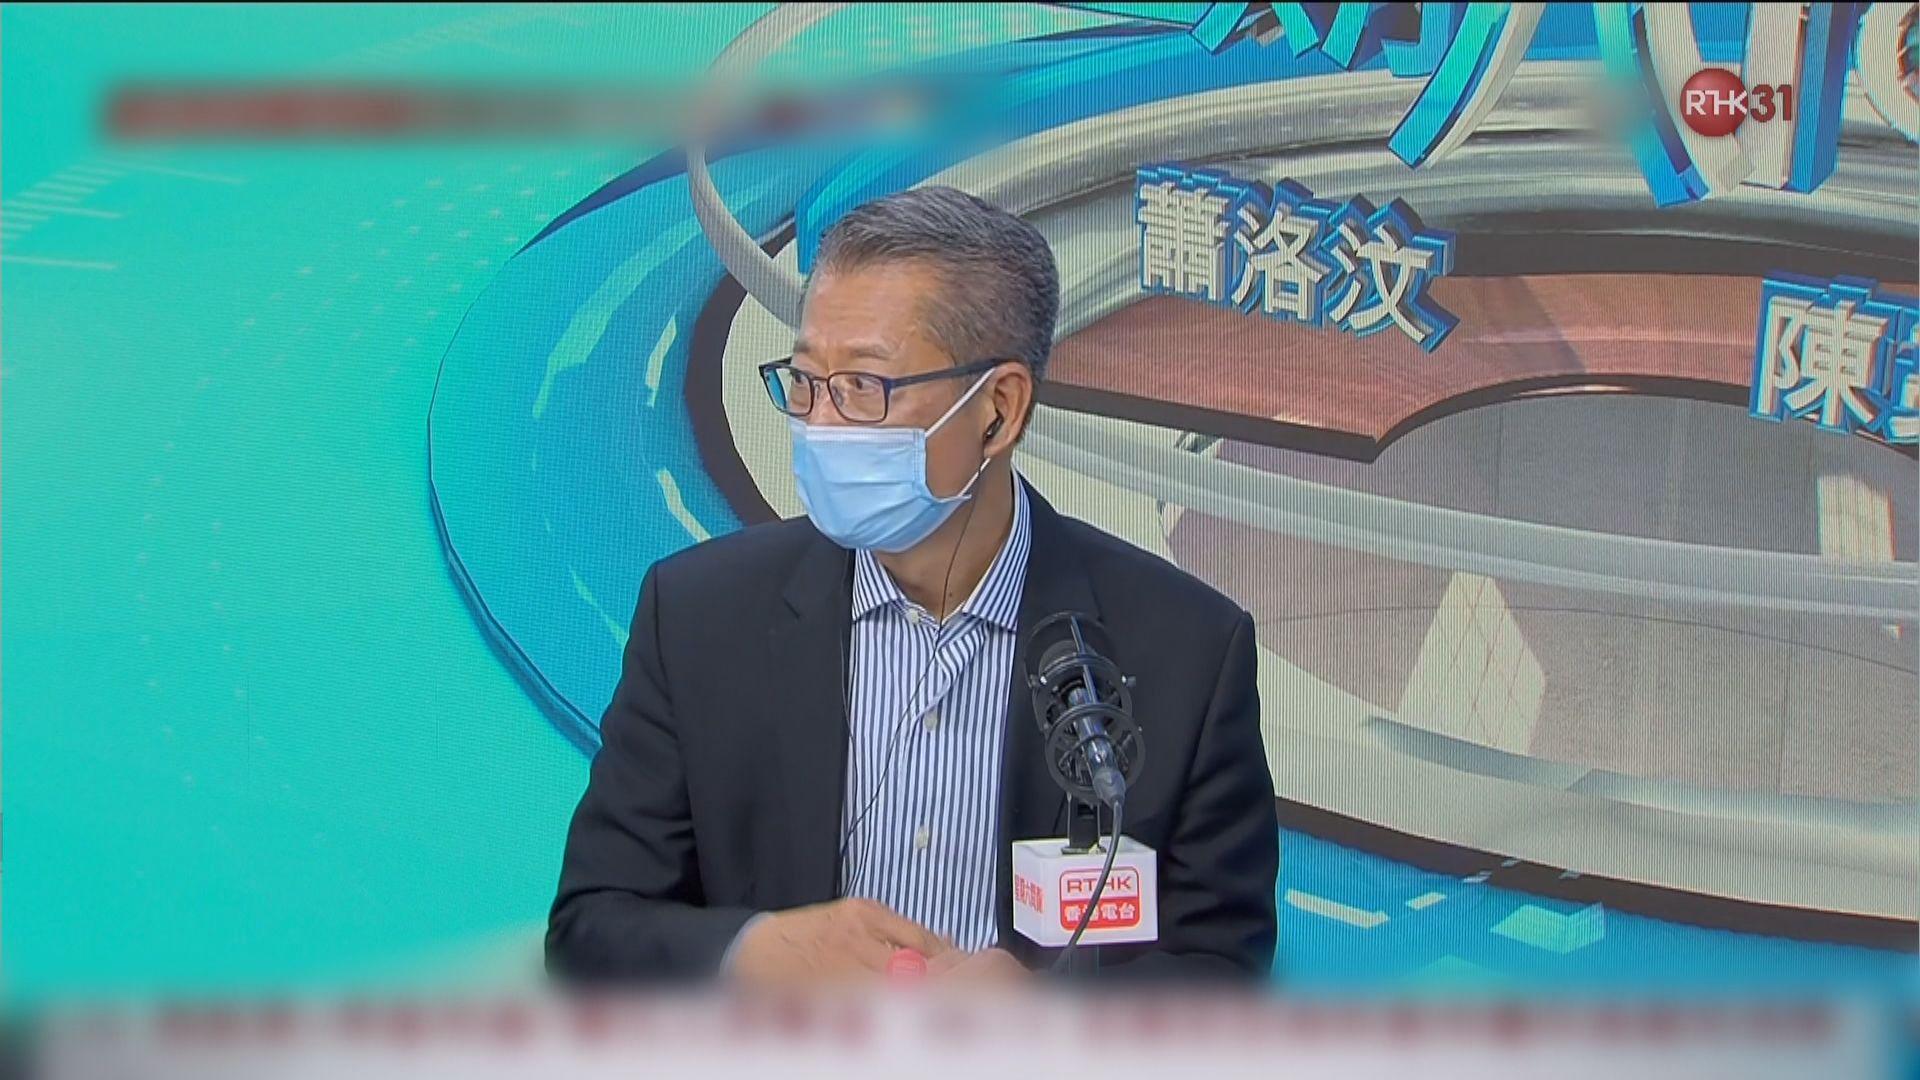 陳茂波料財赤超過三千億 不同意港府出現結構性赤字